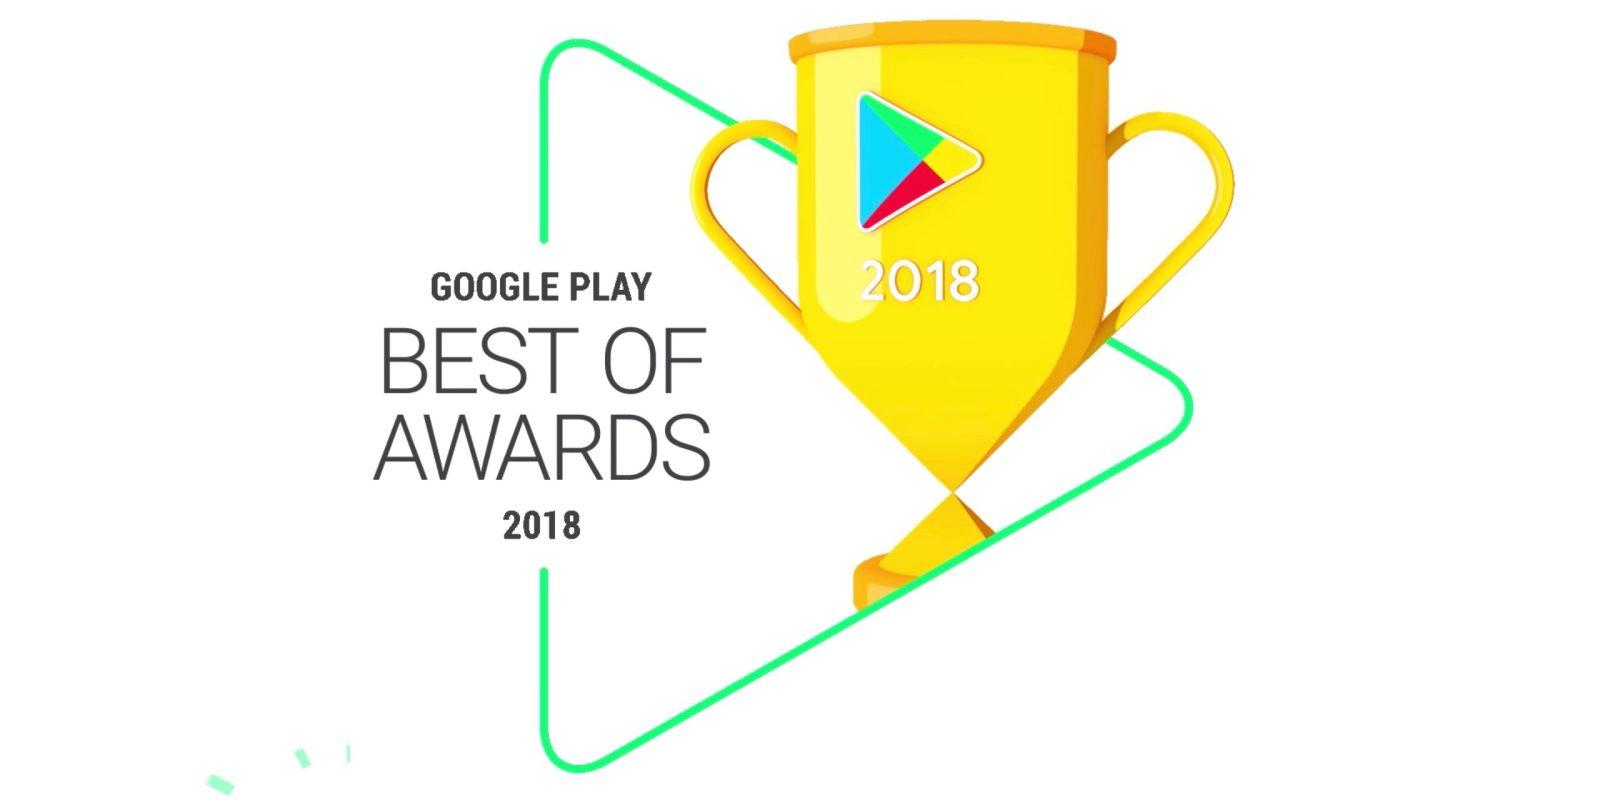 2018ko onena, Android erabiltzaileen arabera!